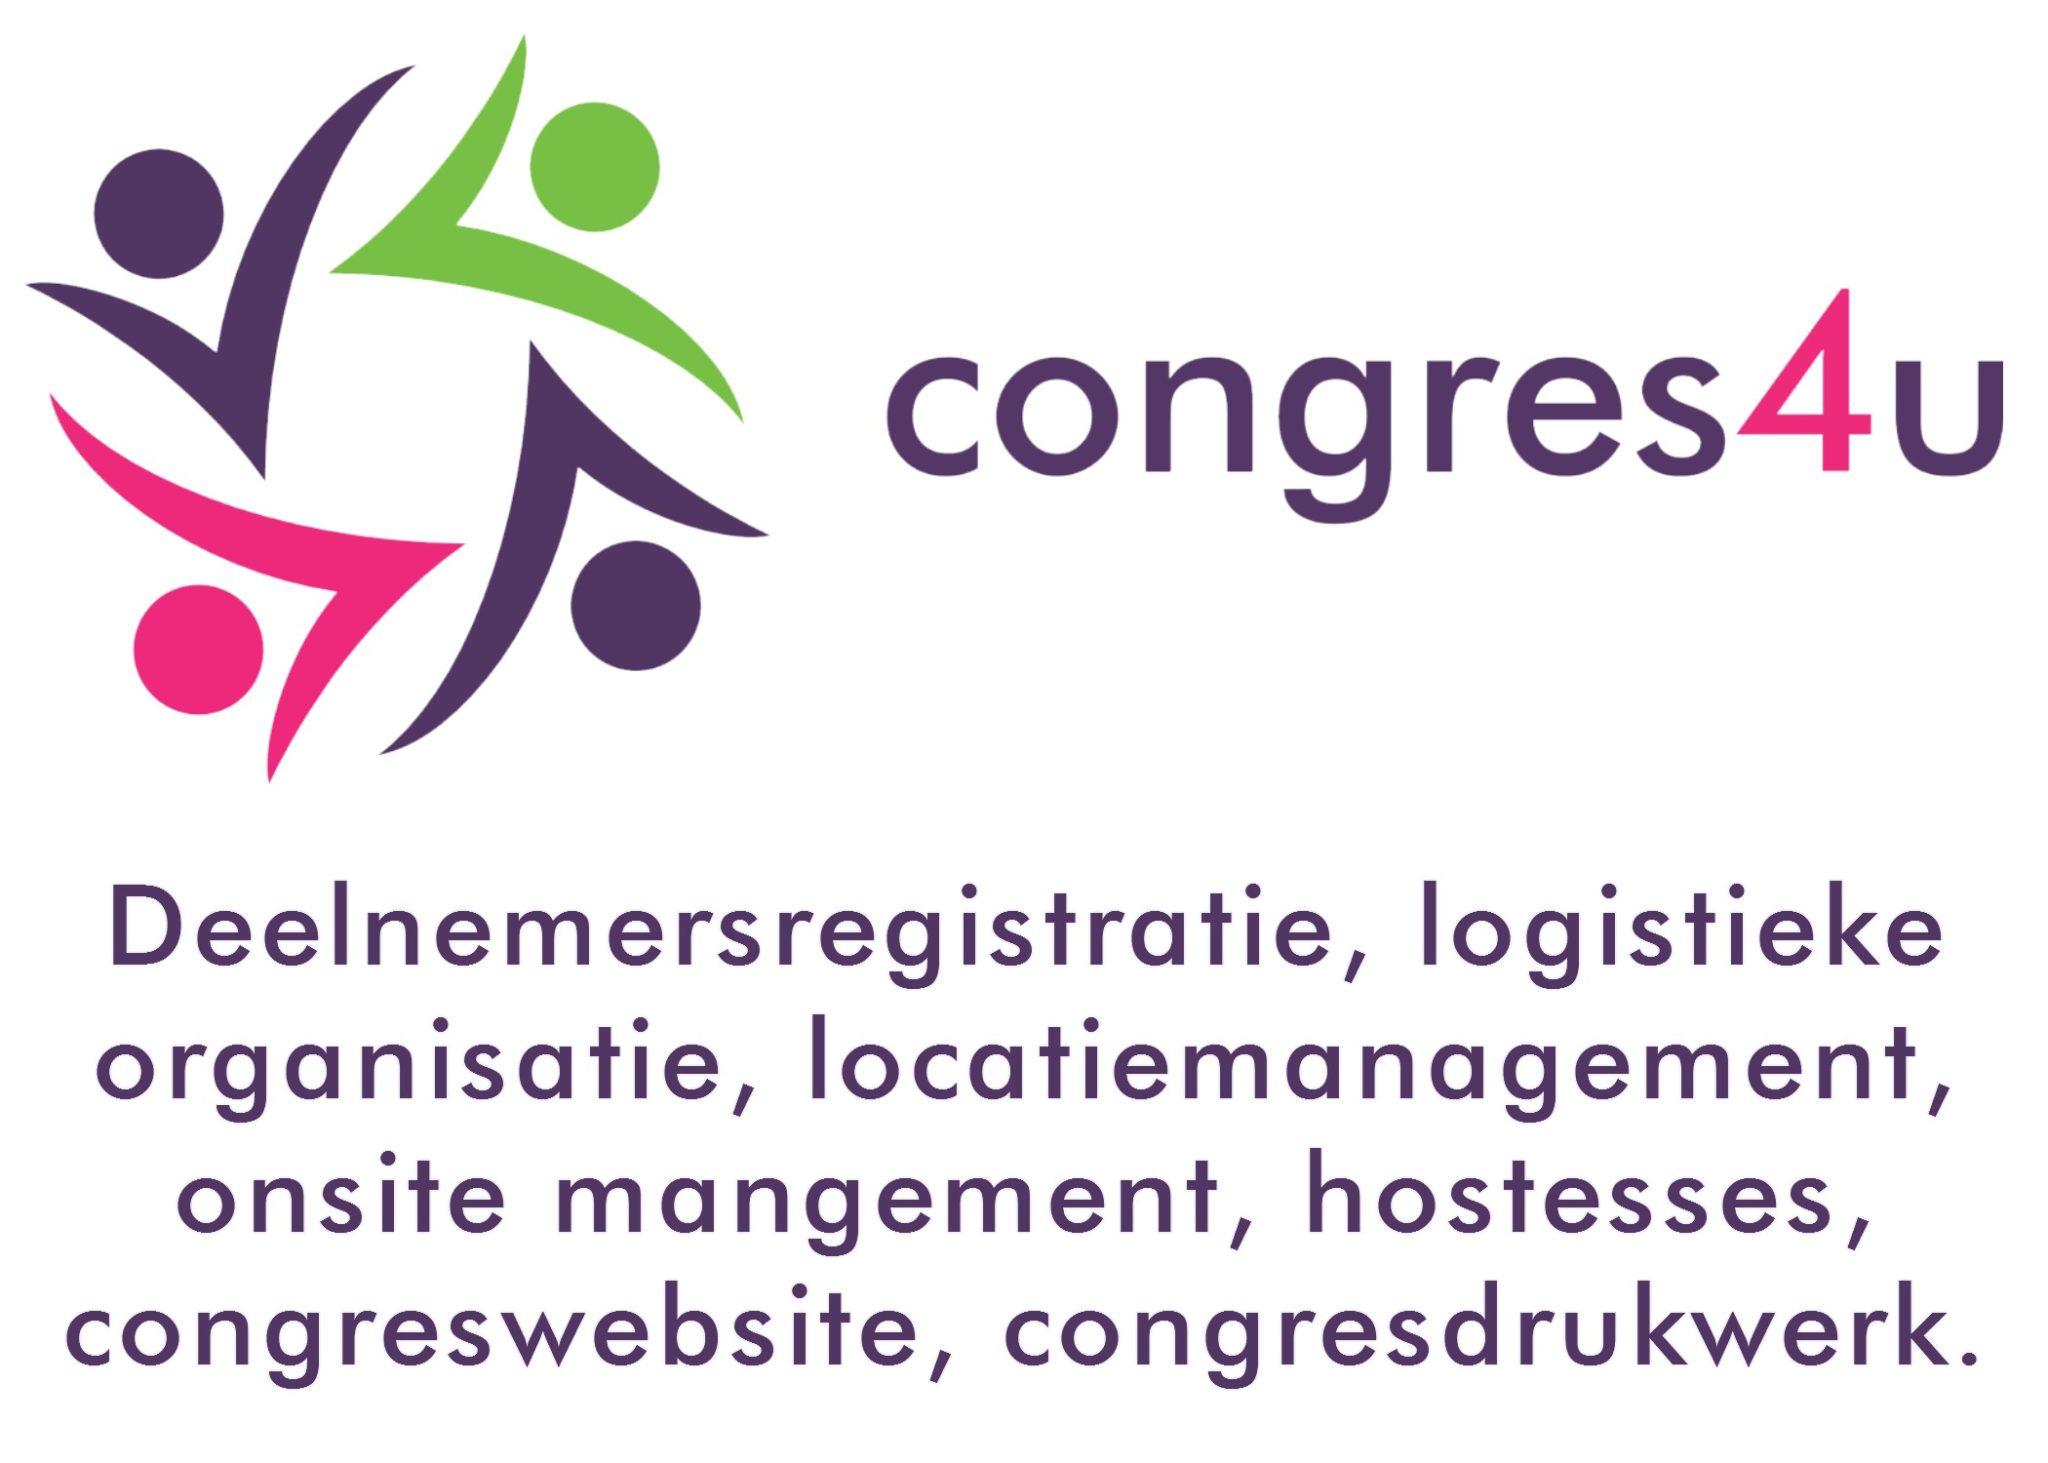 Congres4u